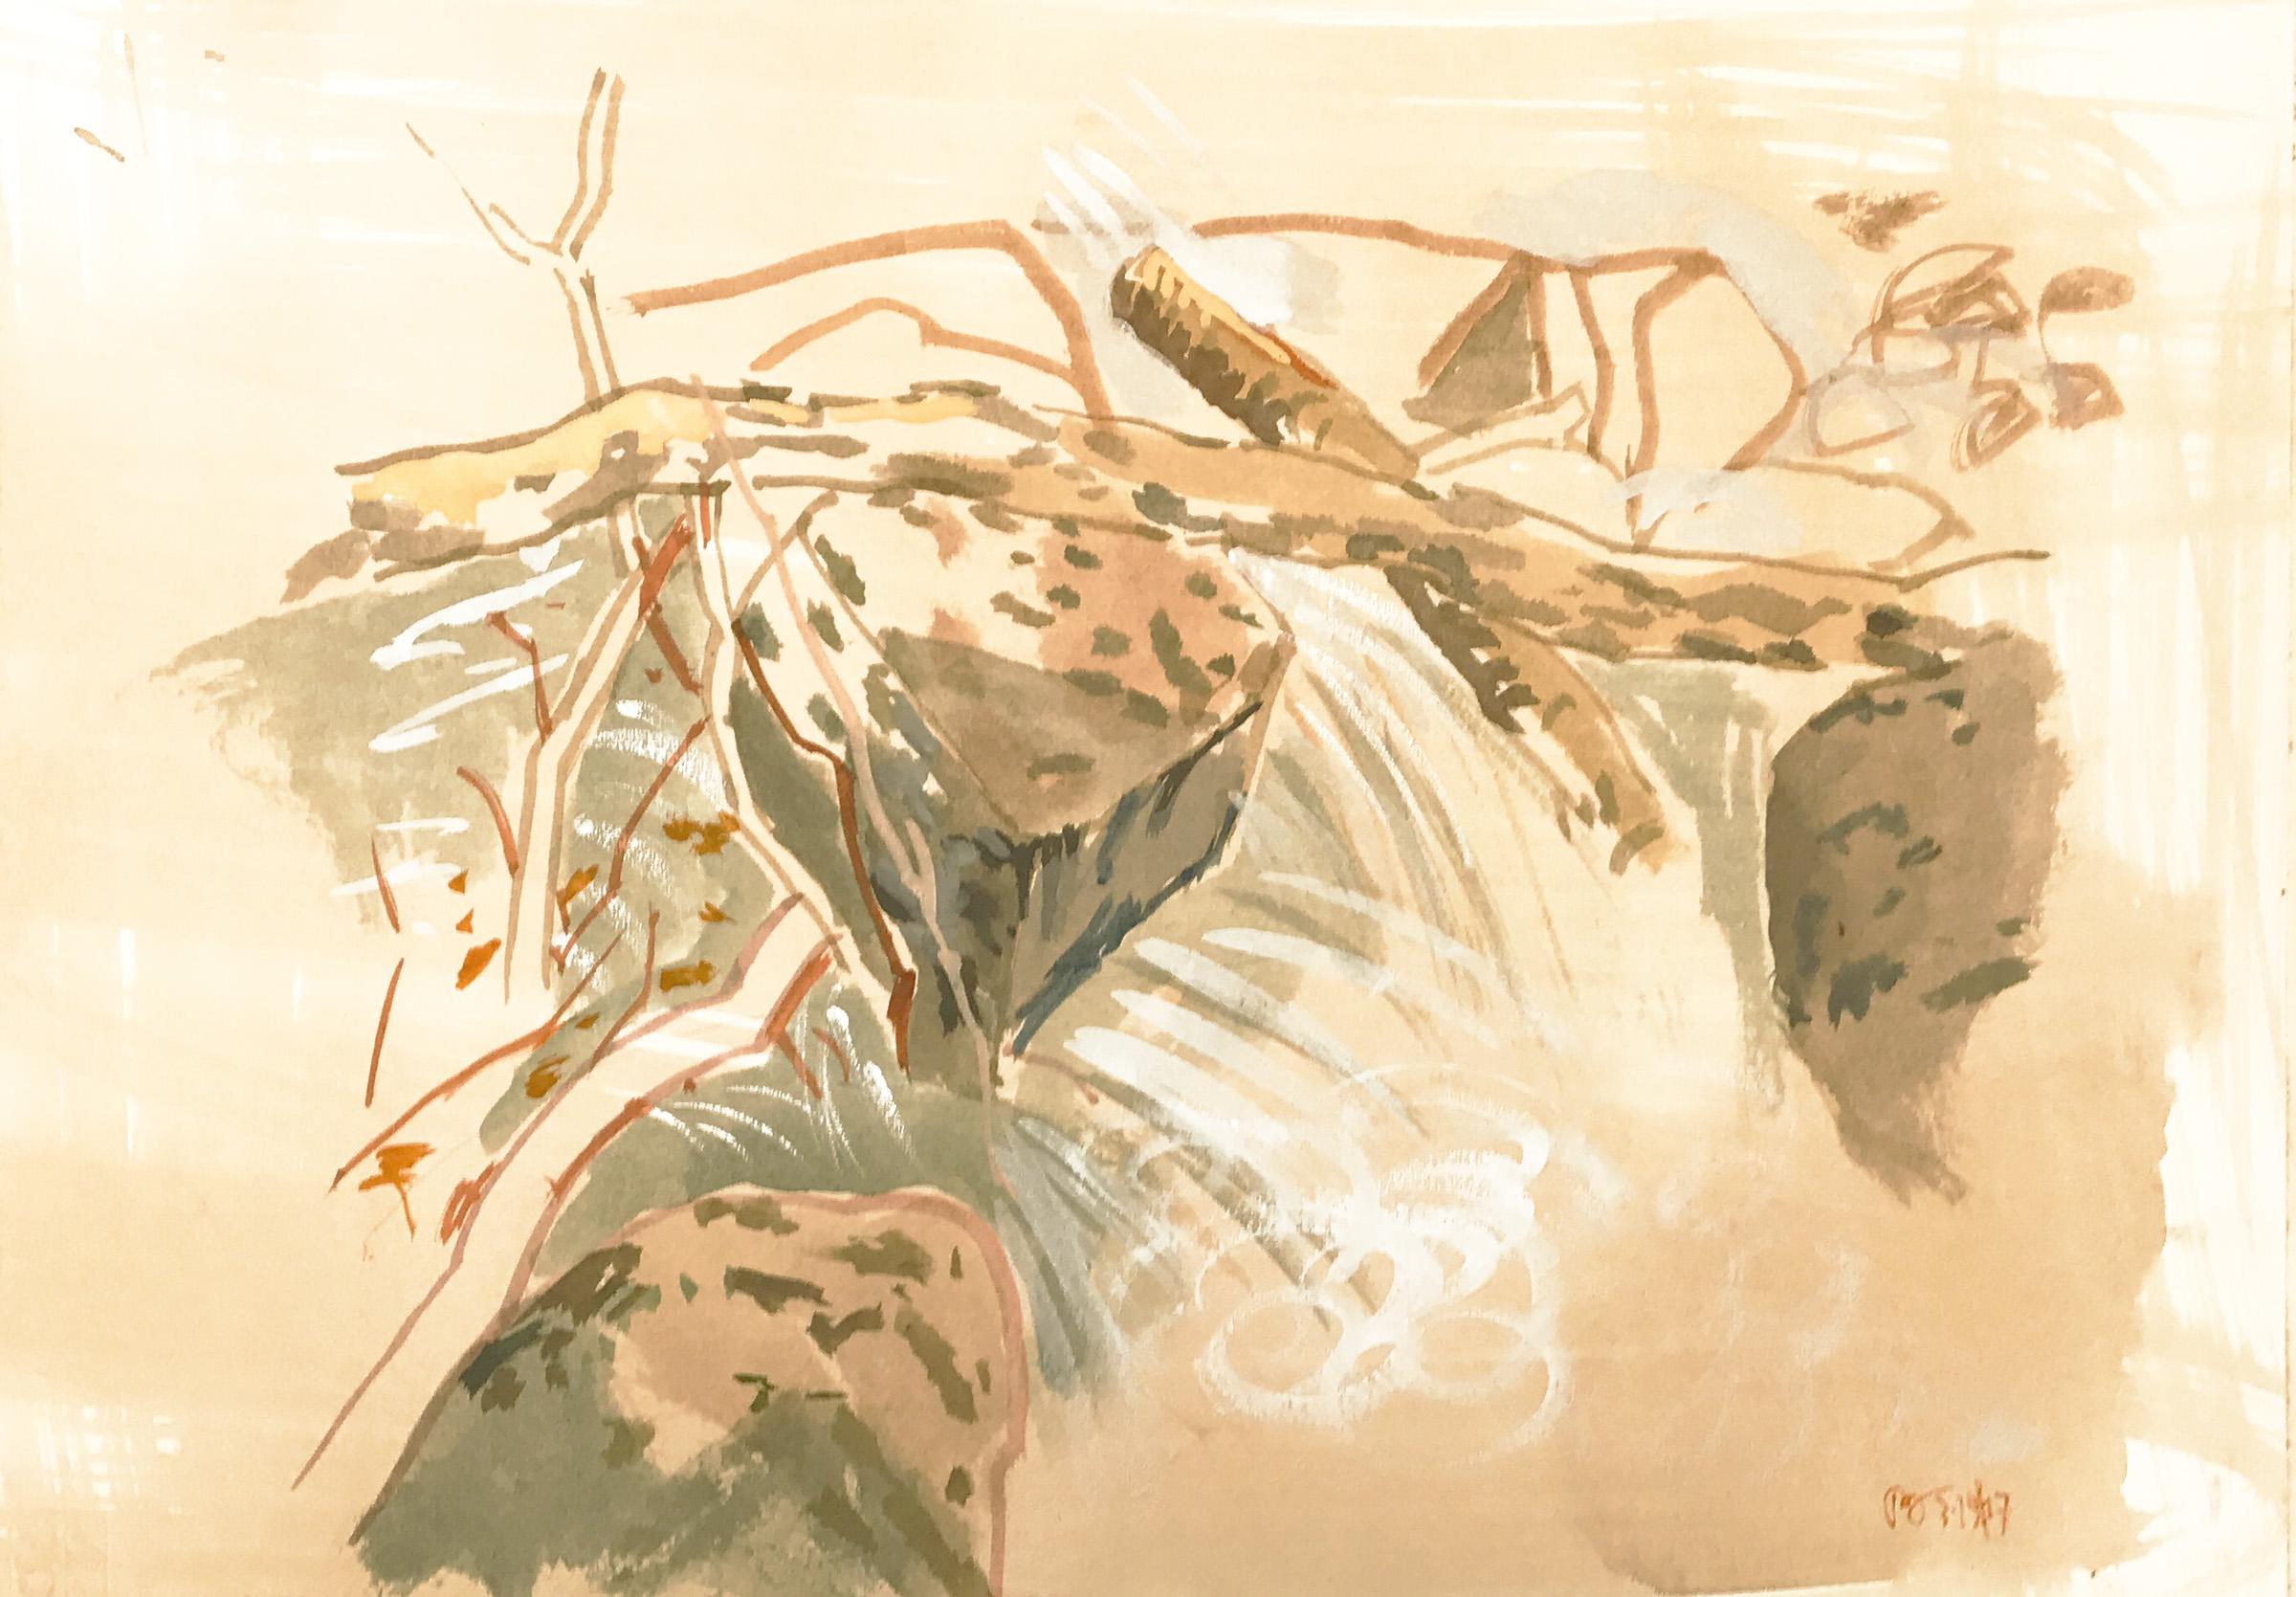 3-19-17 plein air 2  gouache on archival paper